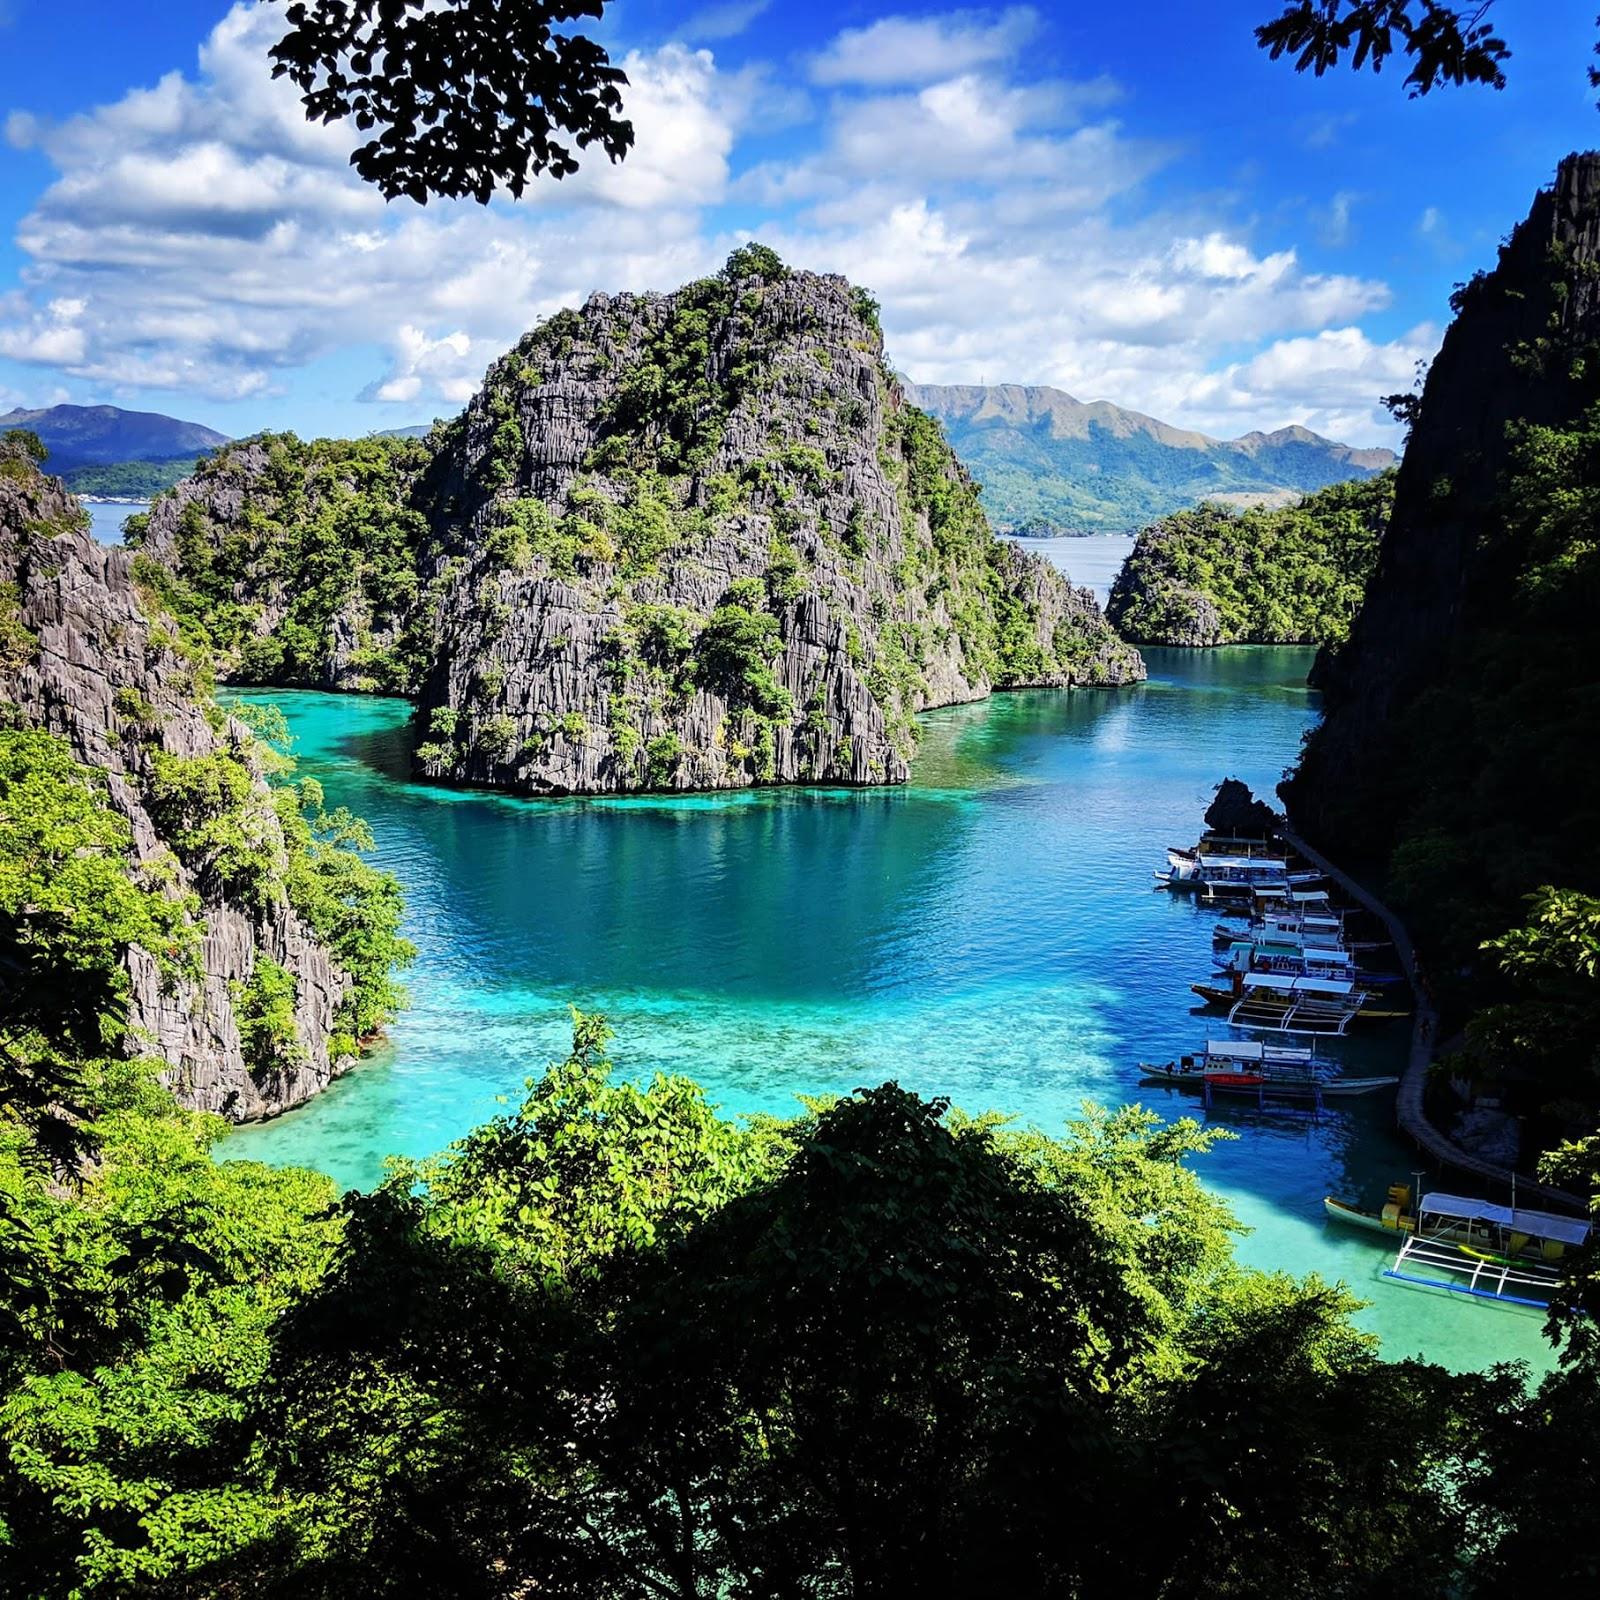 أفضل الأماكن السياحية في الفلبين 10 أماكن مذهلة لا بد من زيارتها